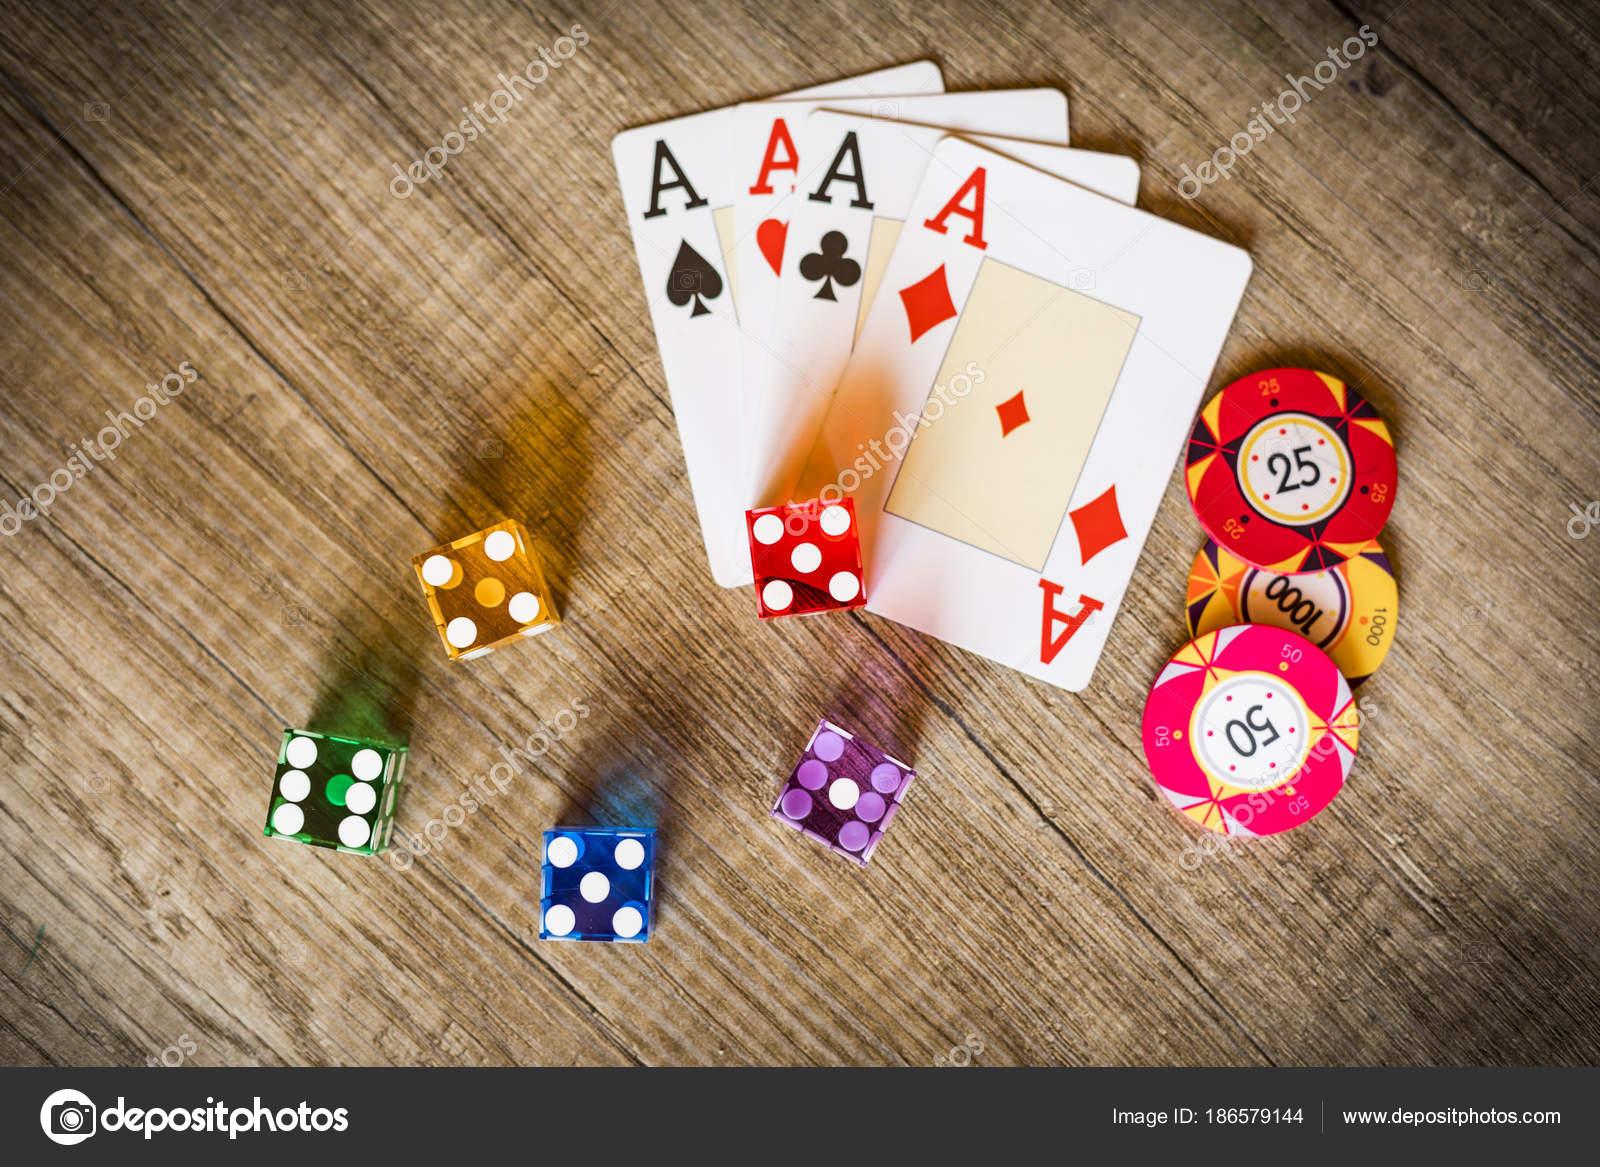 Игры онлайн бесплатно играть рулетка